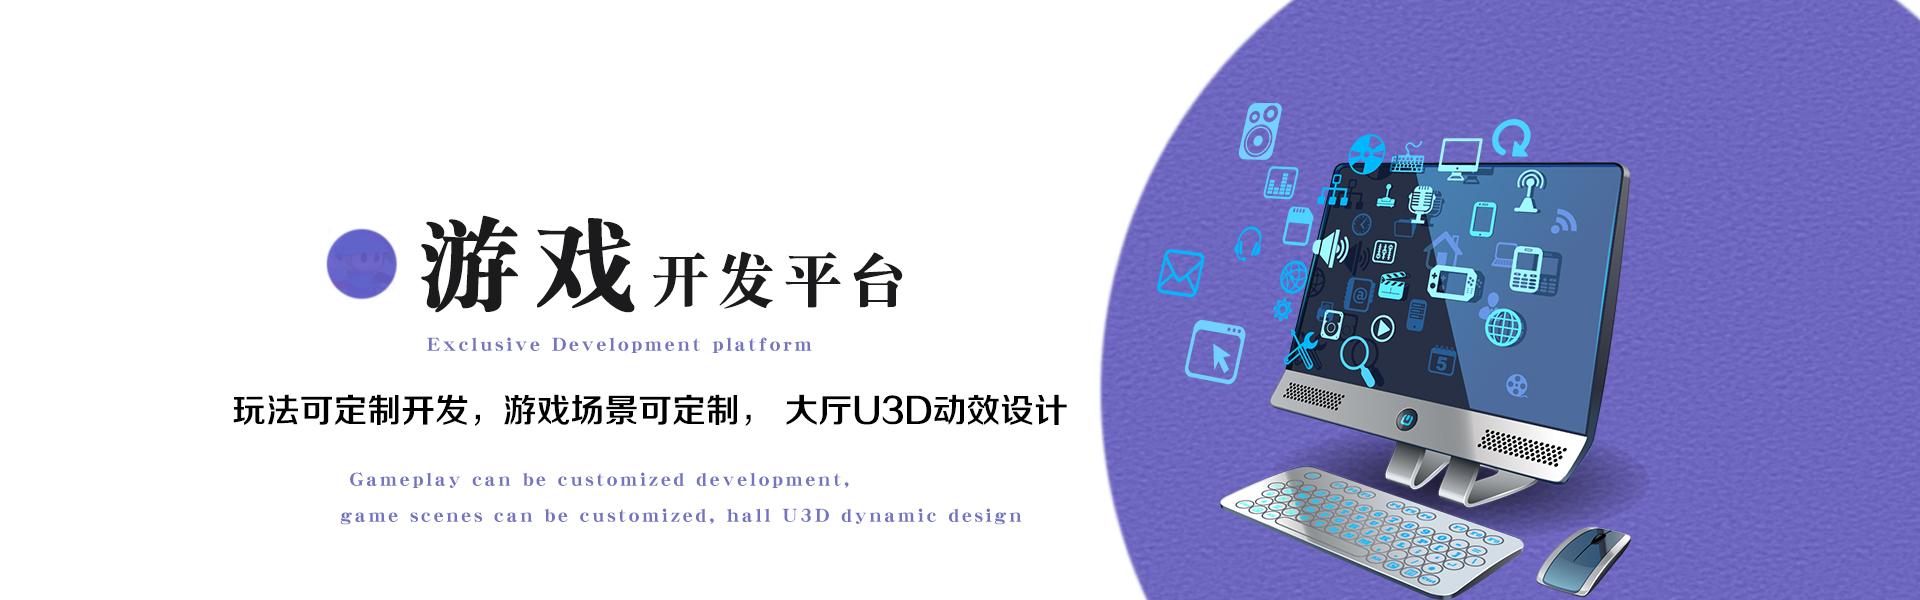 香蕉科技:专业棋牌游戏定制开发商 引领棋牌游戏开发新格局